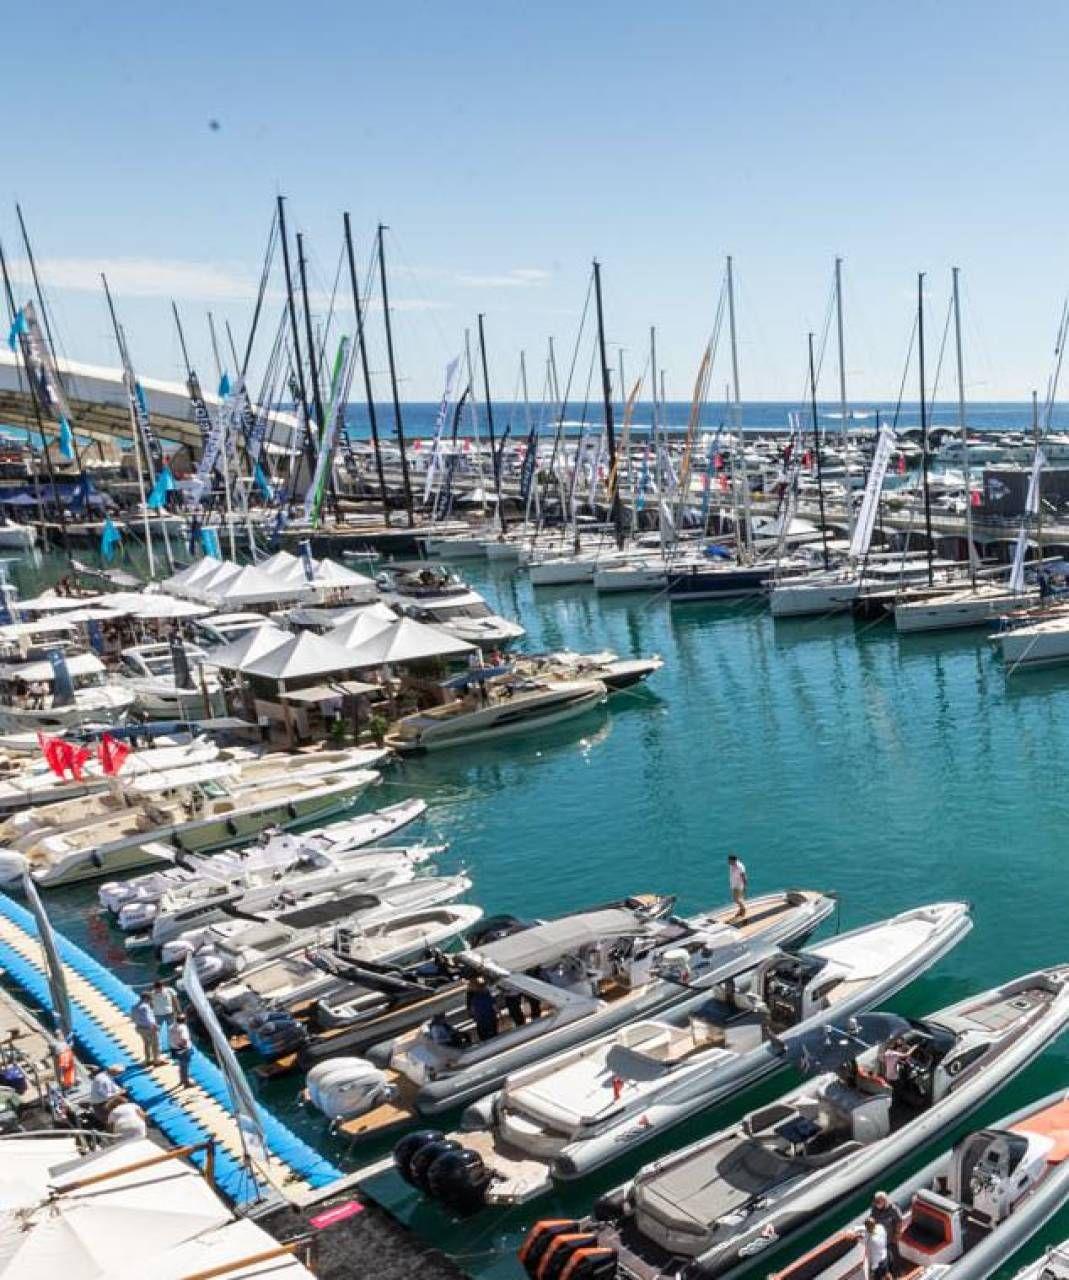 Una veduta del porto di Genova. Fondamentale per la sicurezza sarà l'ampiezza degli spazi all'aperto